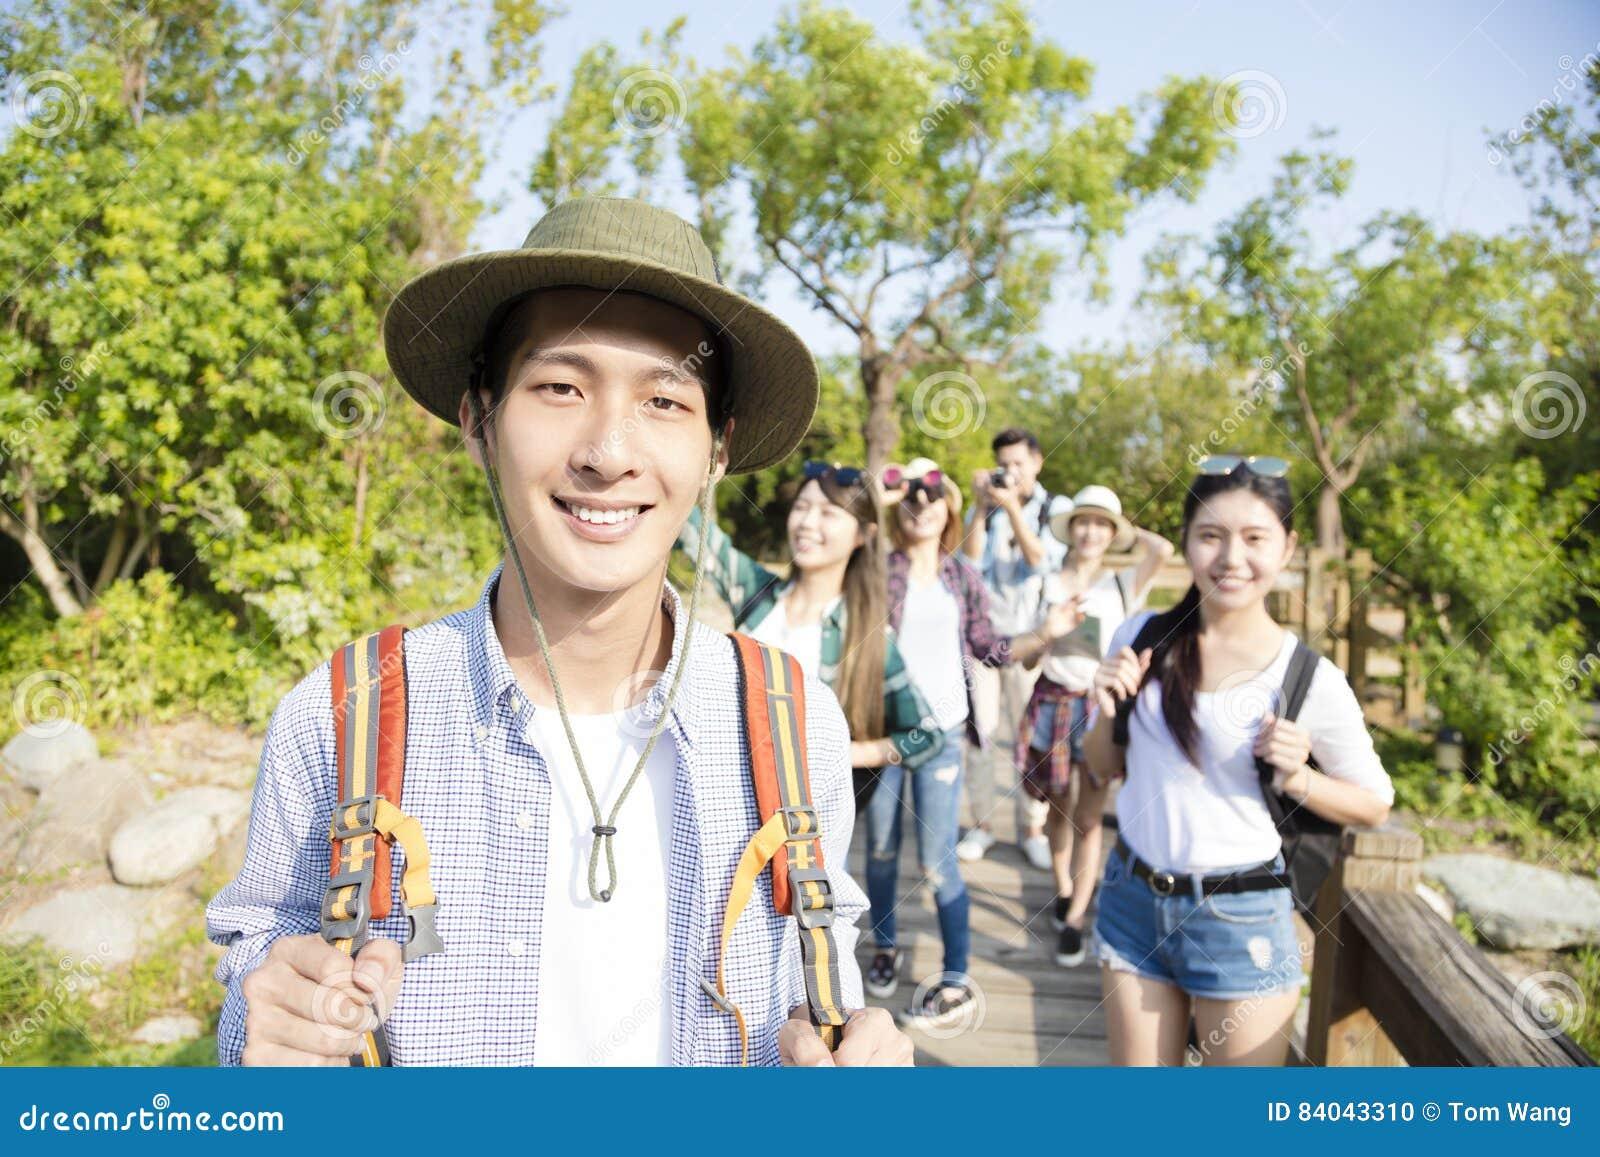 Gelukkige jonge groep die samen door het bos wandelen